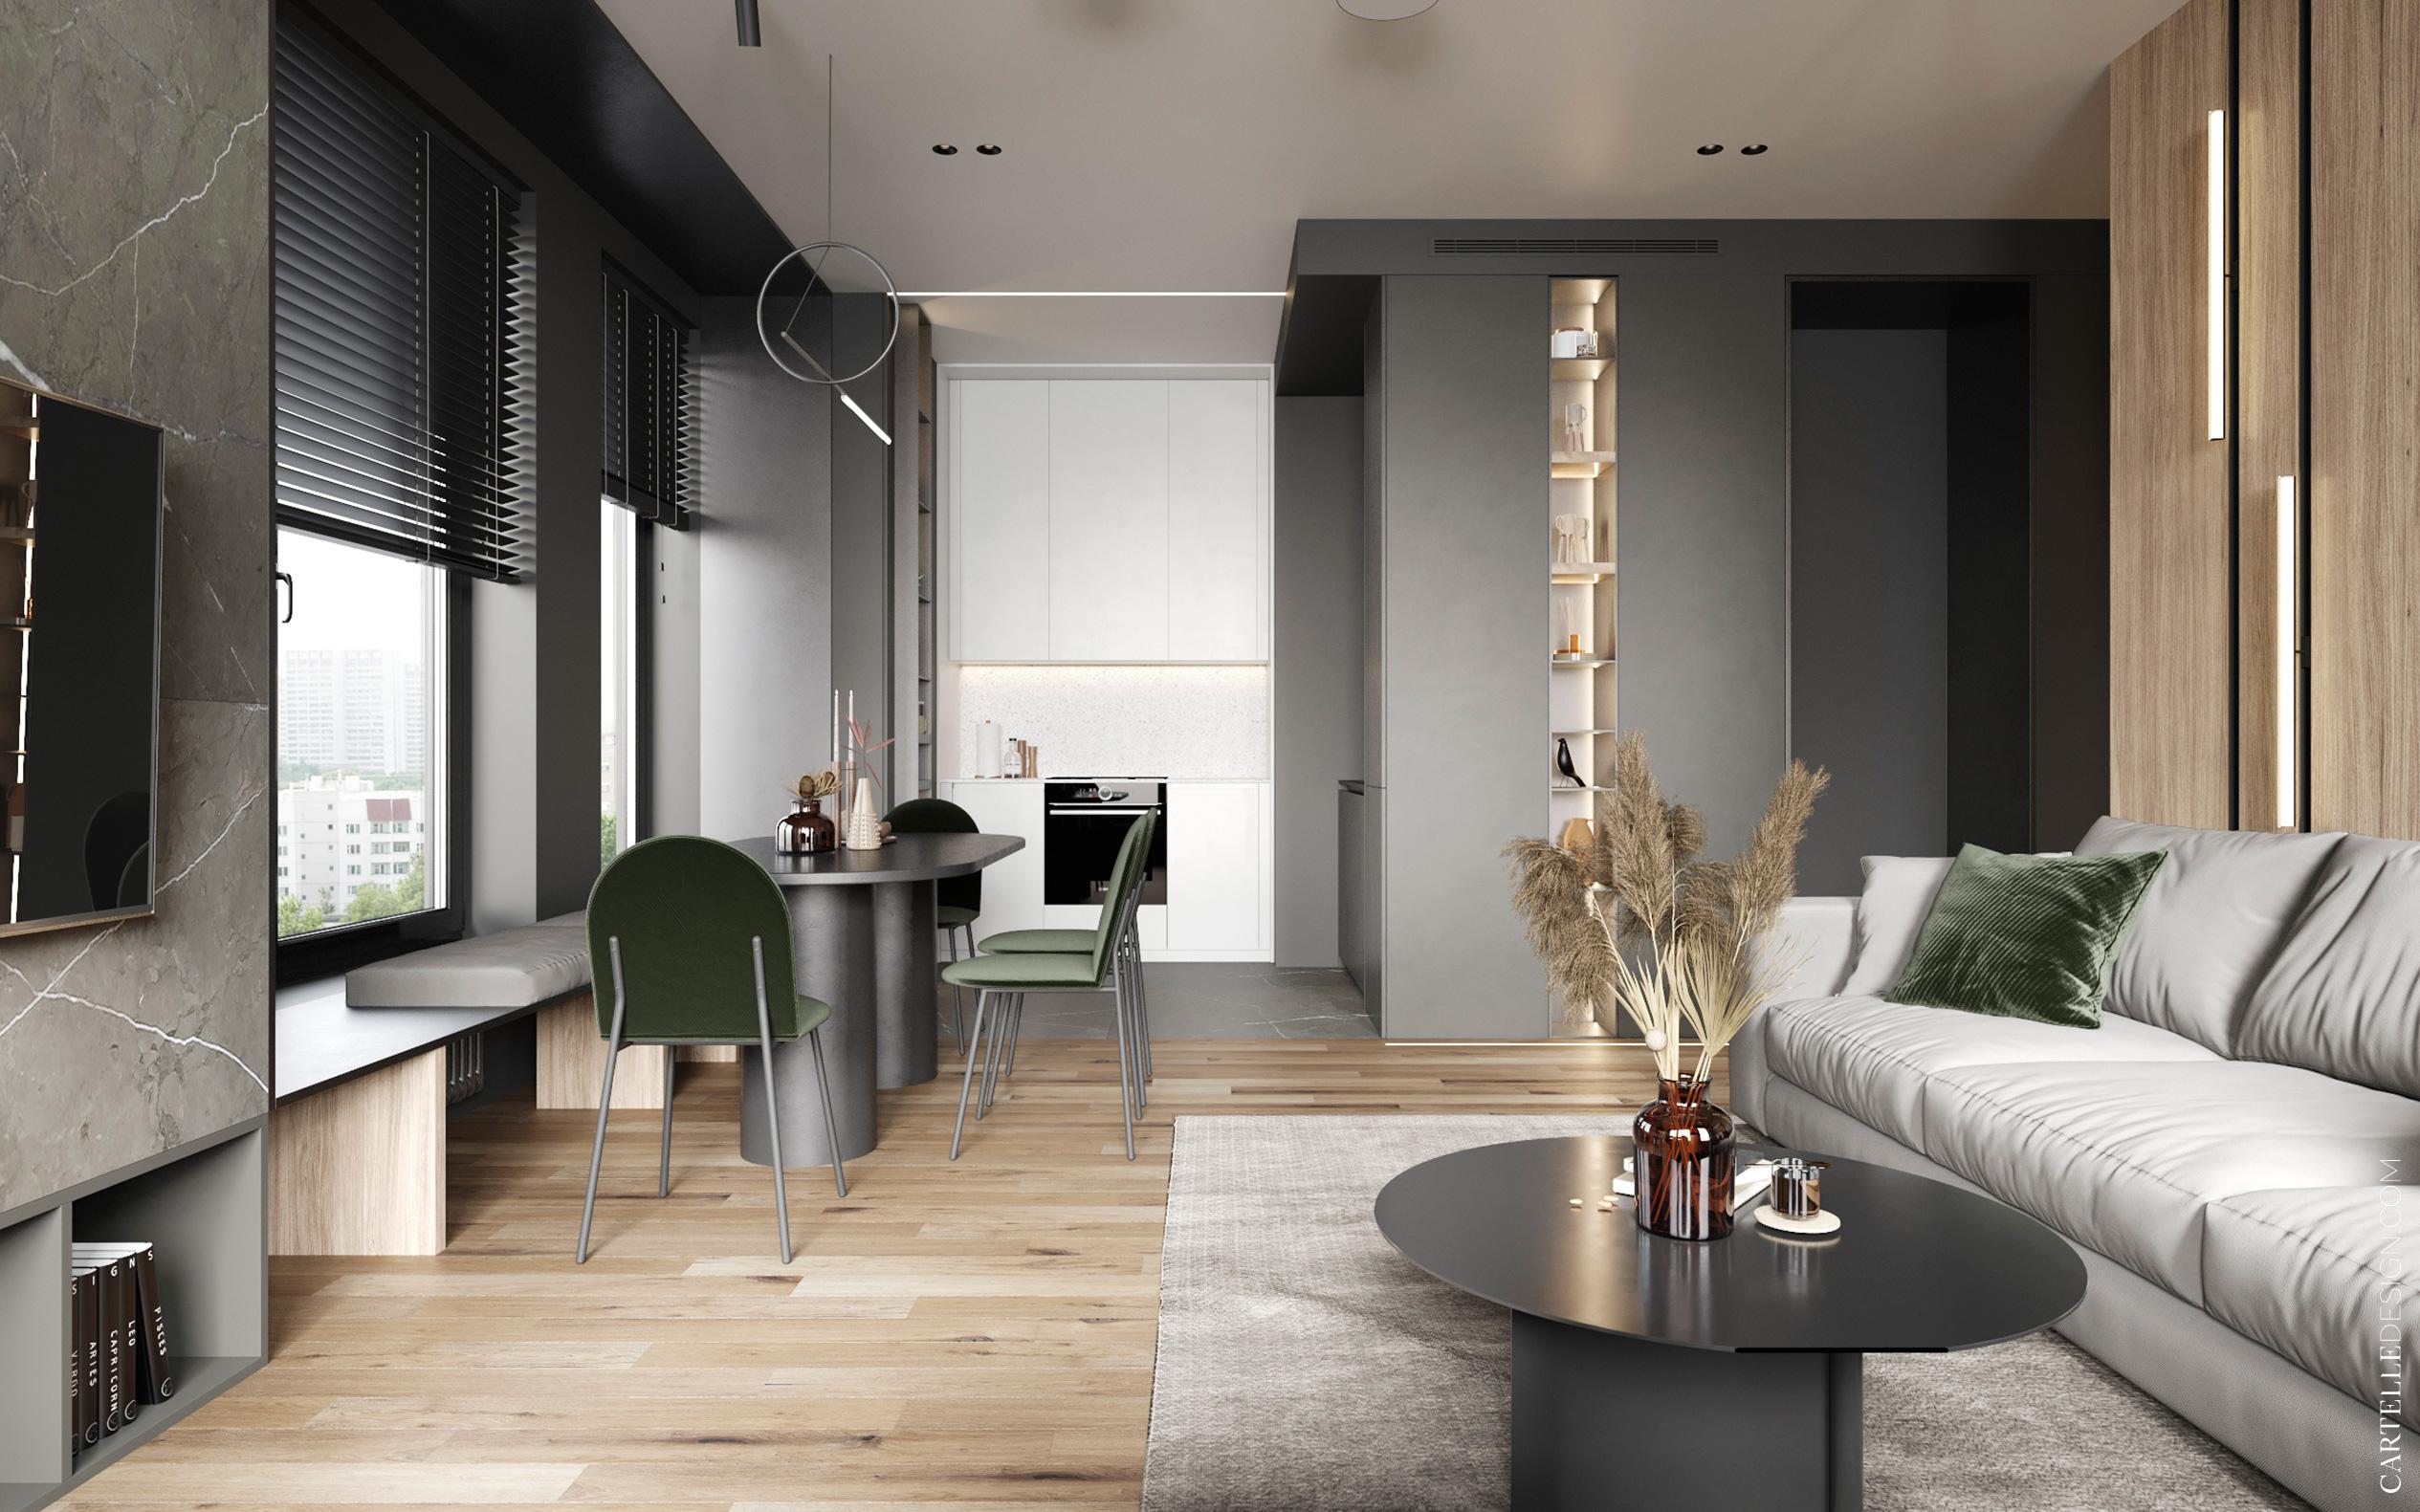 Modern minimál stílusú lakás, minimál otthon, minimál lakás, minimál stílus, minimál design, minimál dizájn, minimalizmus, minimalista, lakberendezés, belsőépítészet, lakberendezési ötletek, lámpa, világítás, LED